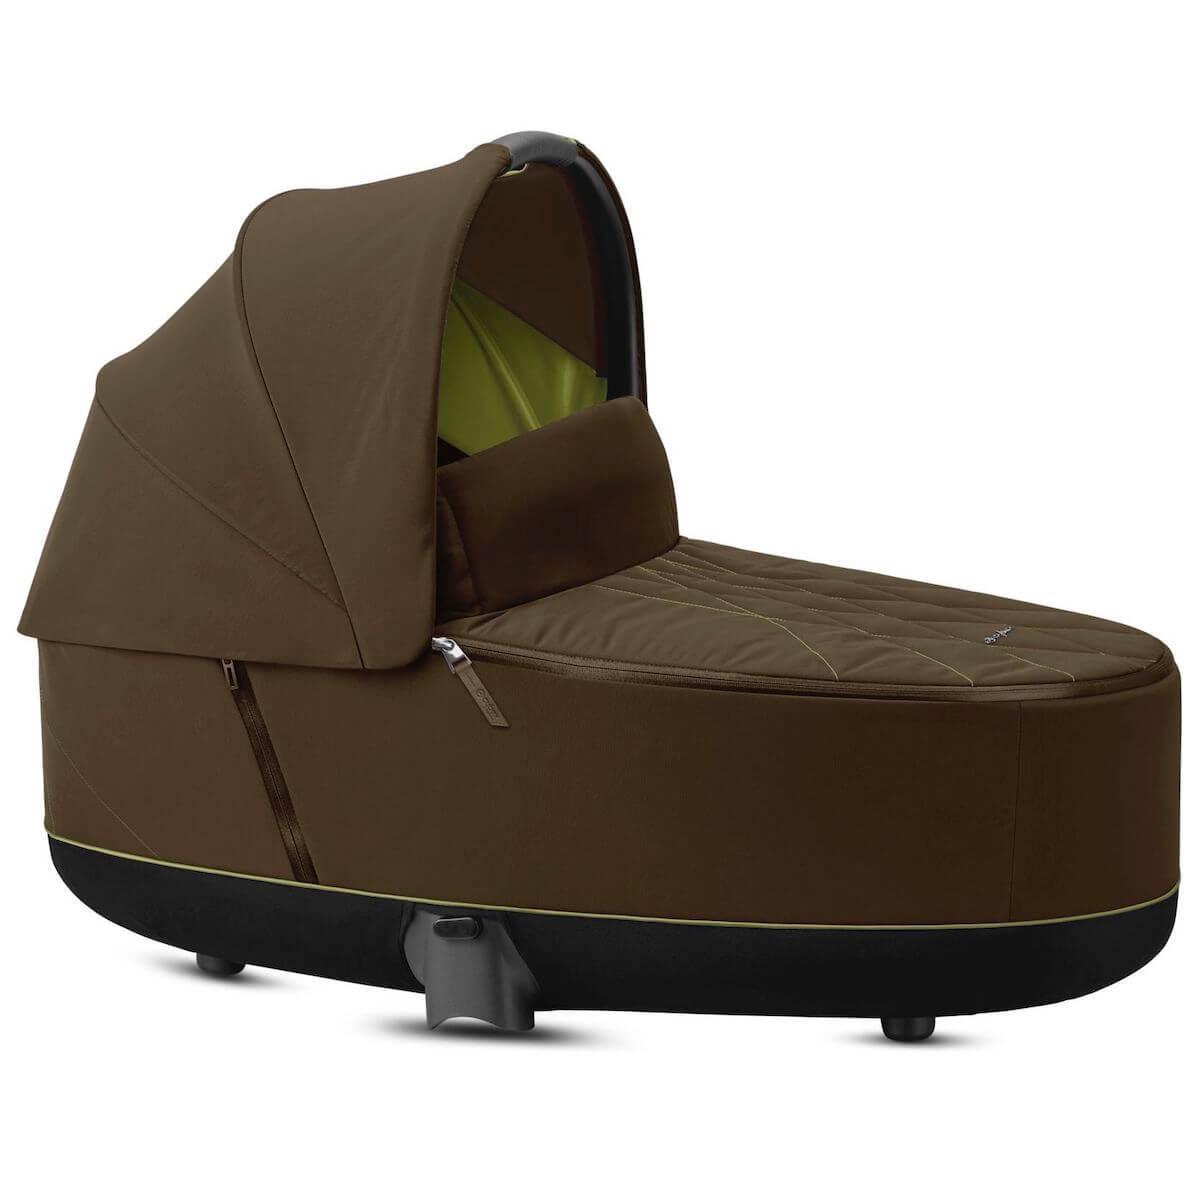 Nacelle luxe PRIAM Cybex Khaki green-khaki brown